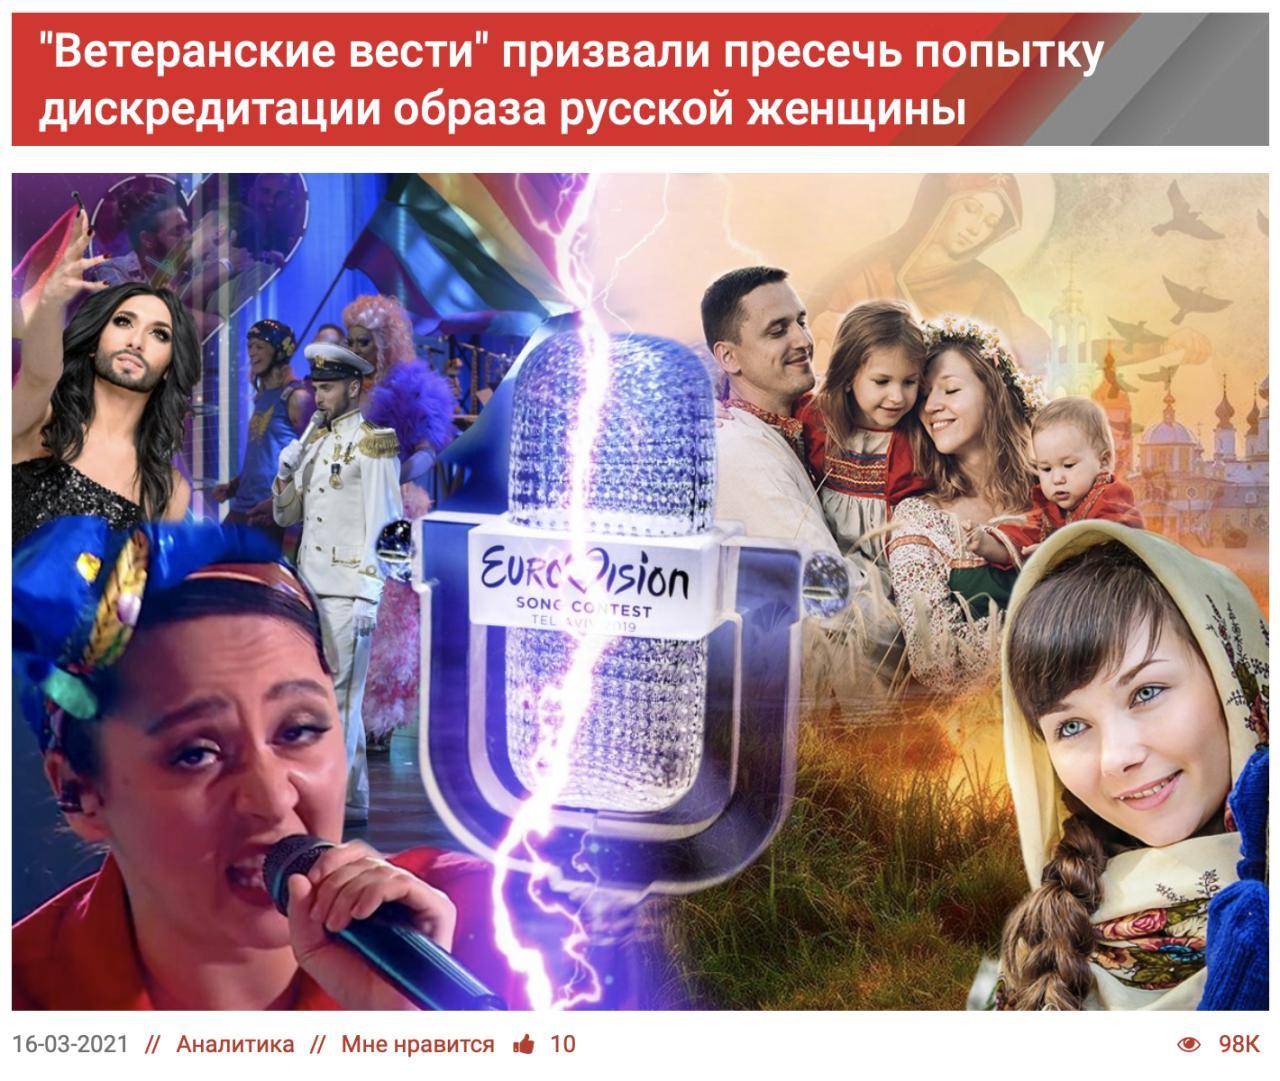 Скриншот ссайта «Ветеранские вести»